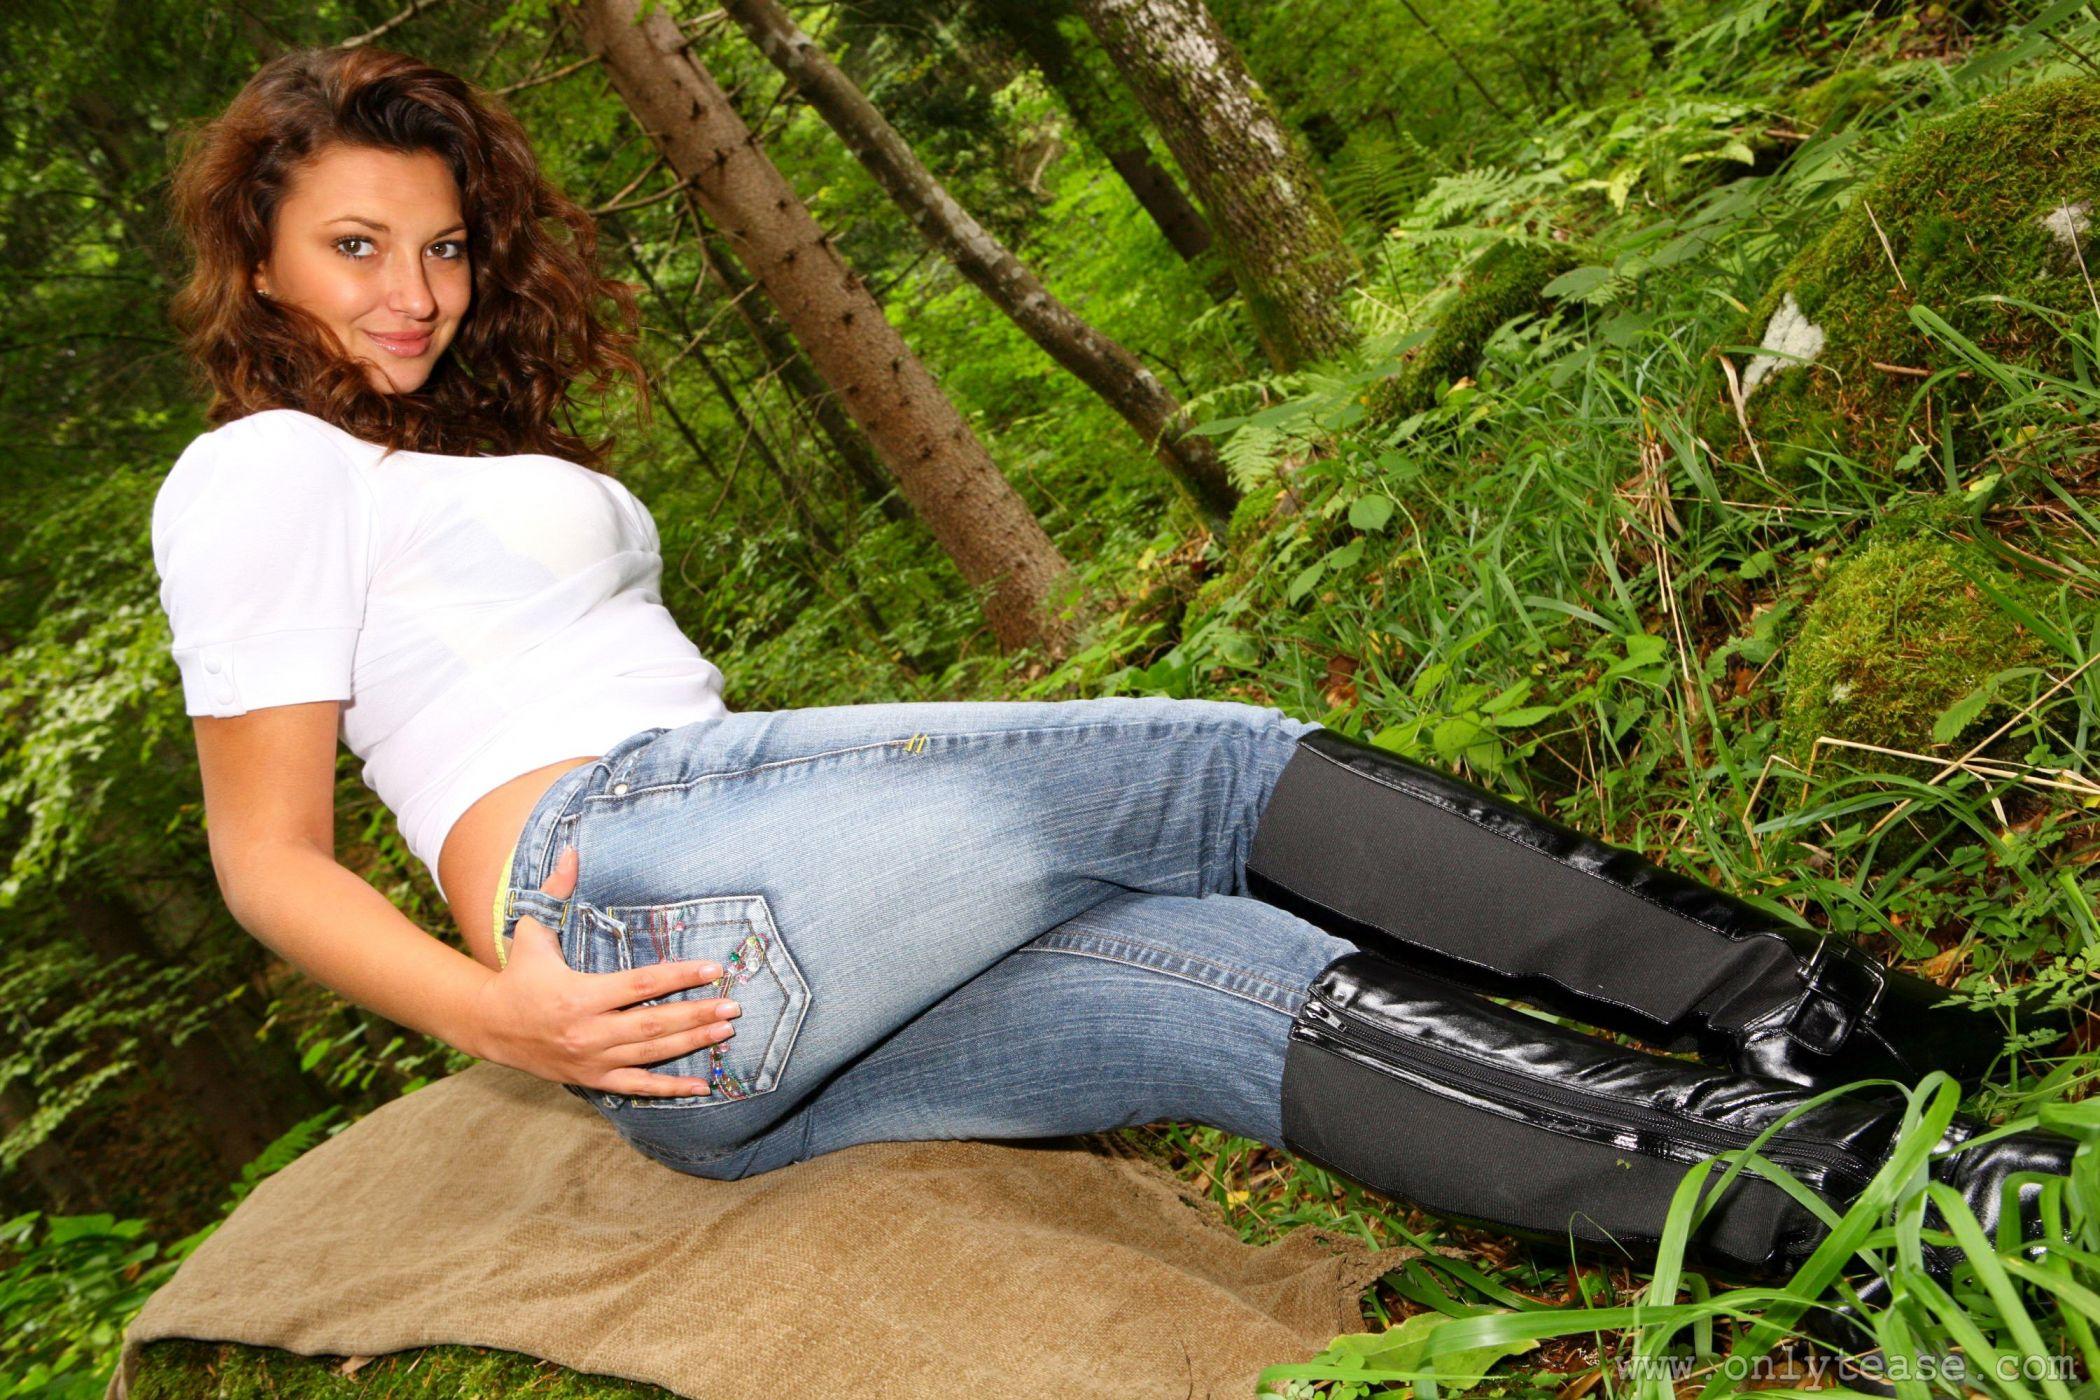 Порно фото галереи девушек в джинсовых штанах